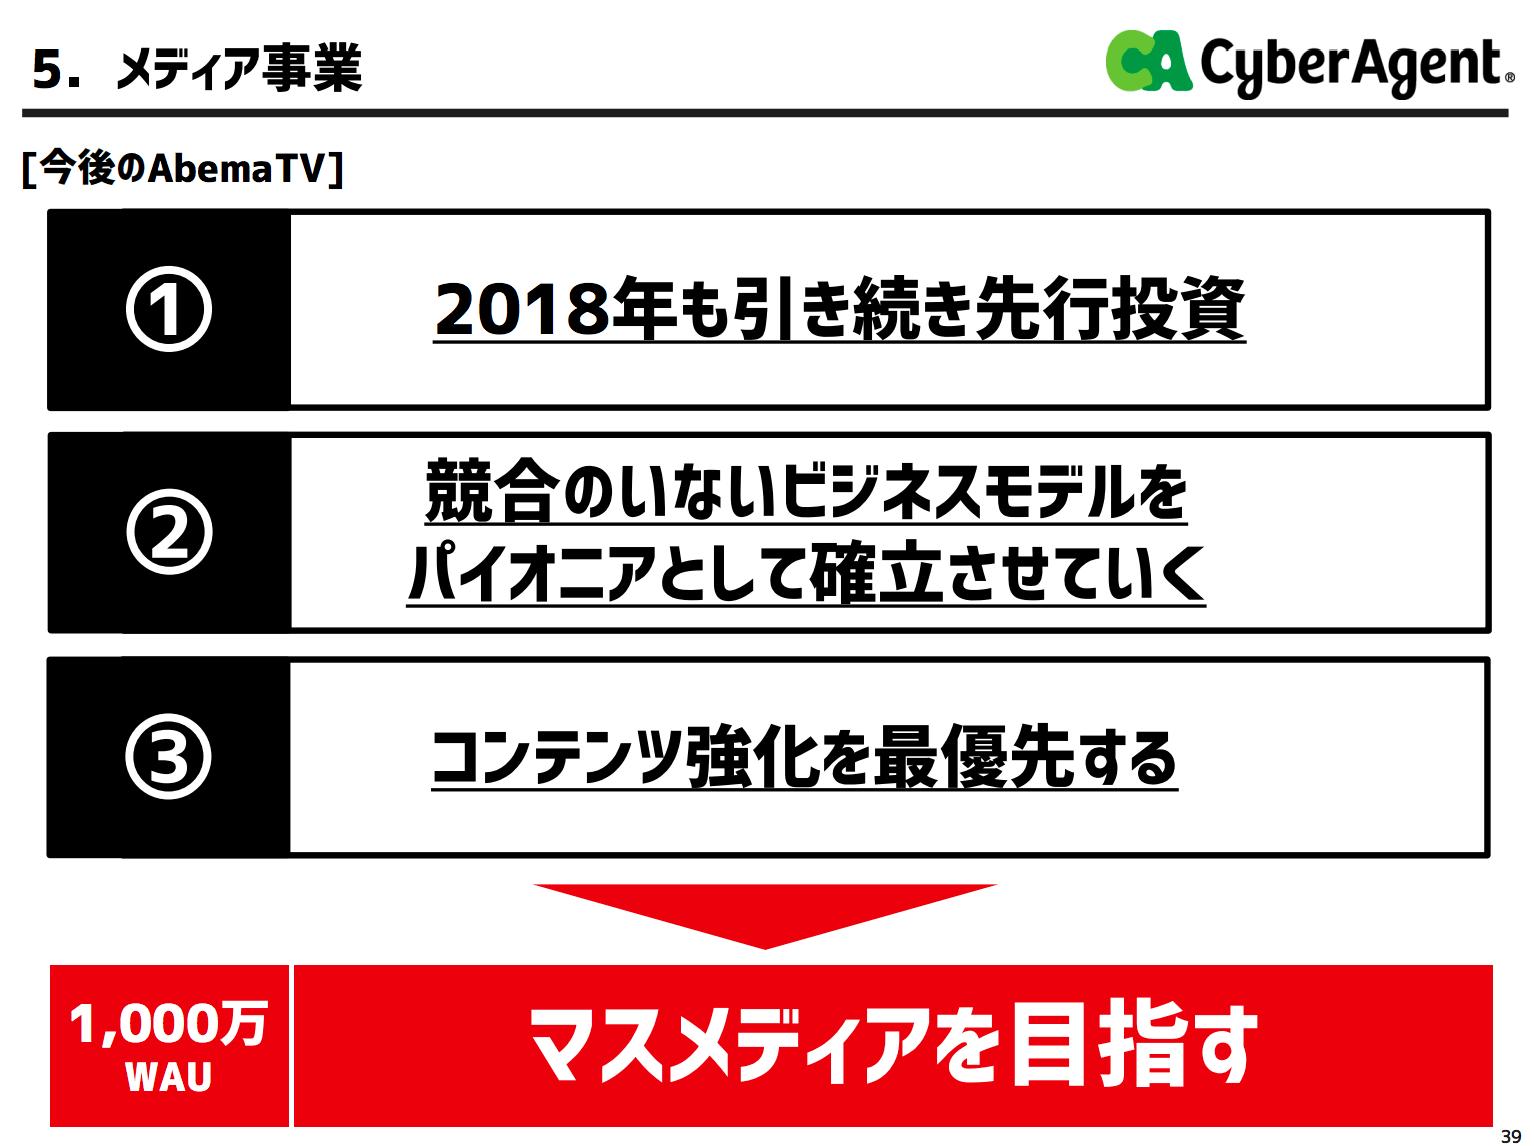 アベマTV採算8